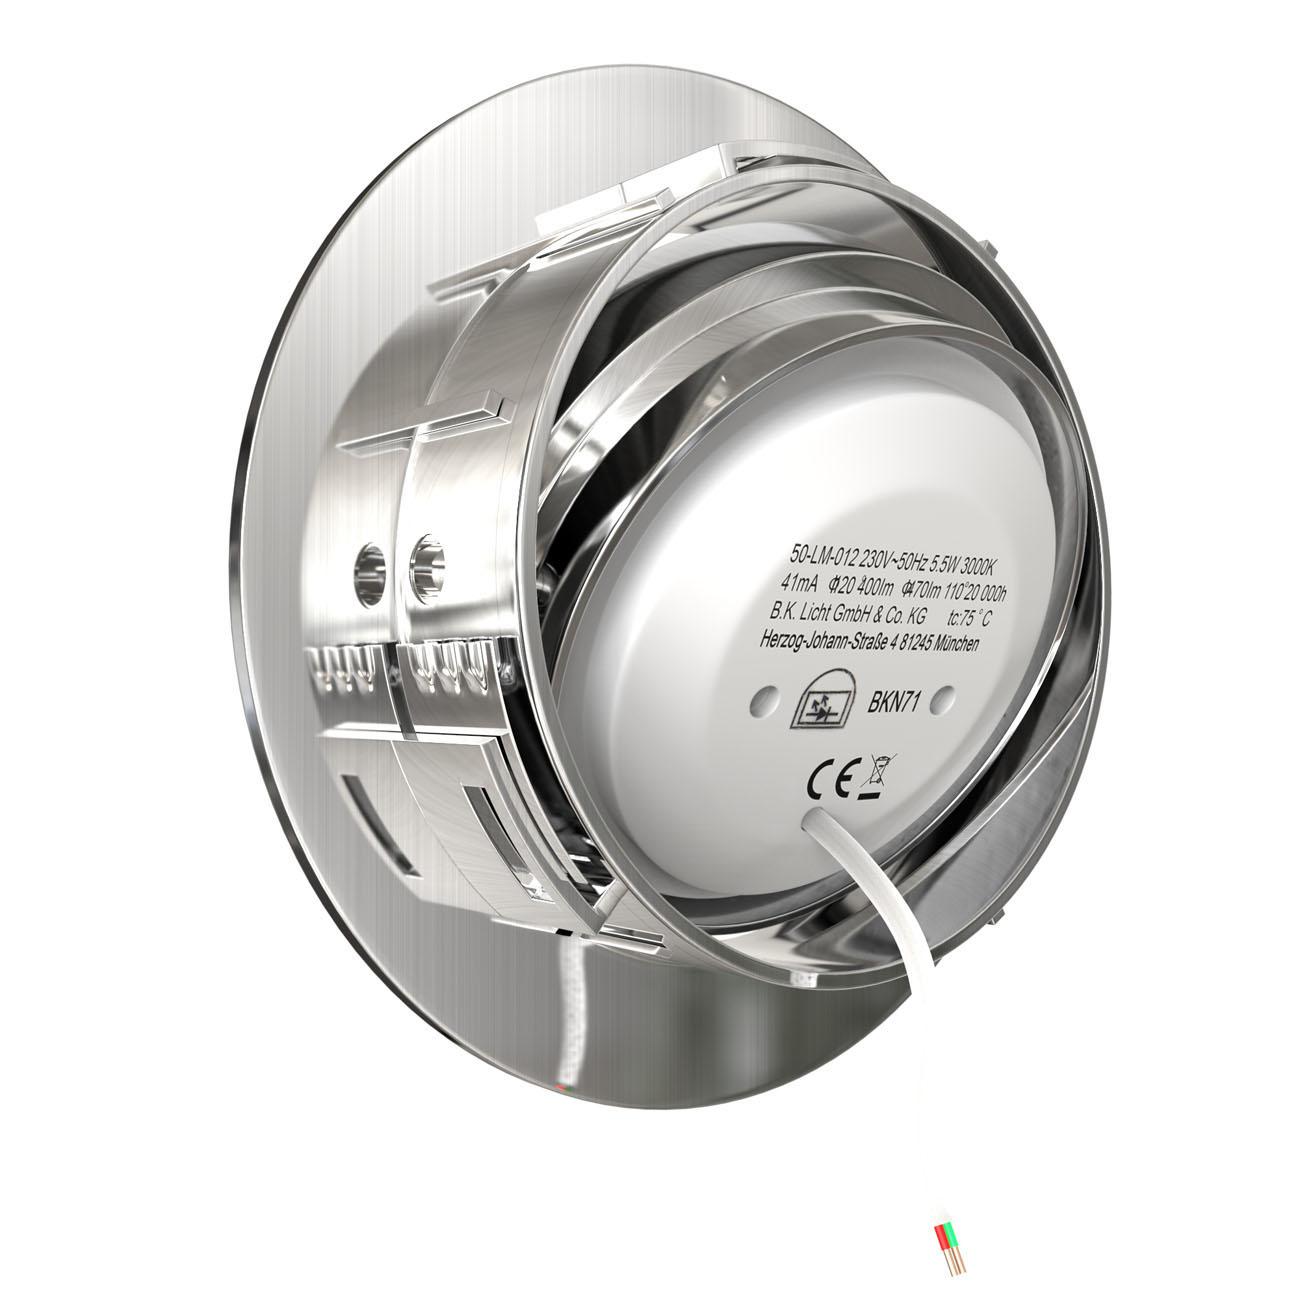 LED Einbaustrahler | Einbauleuchte 5er SET | 5,5W Stufendimmer schwenkbar - 5